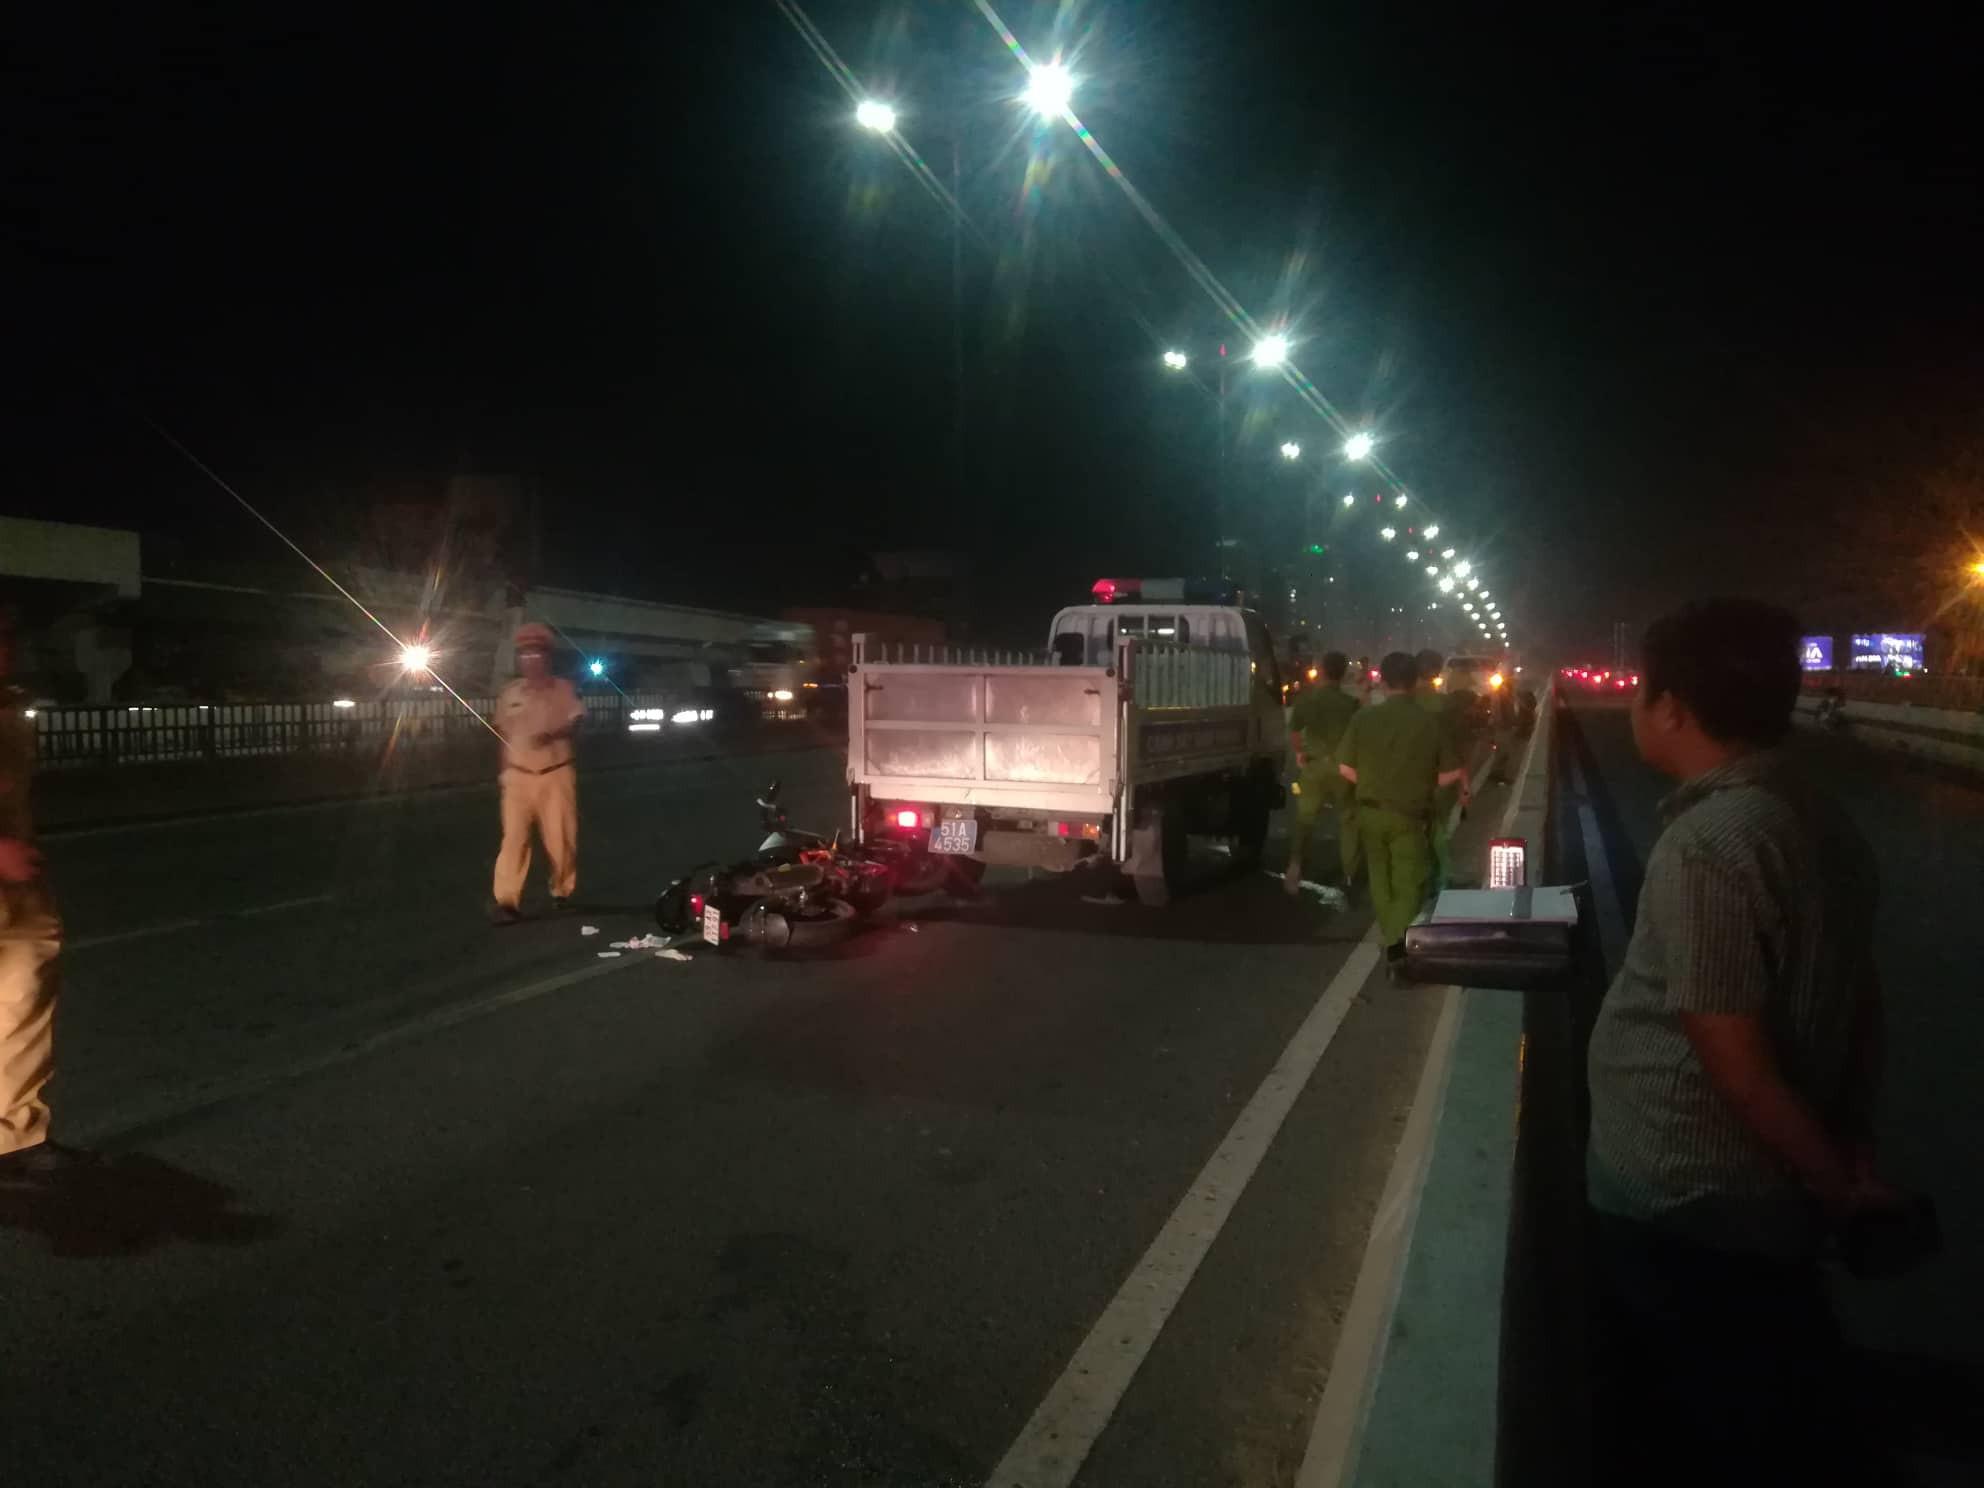 Phát hiện thi thể nam thanh niên trên cầu Sài Gòn, nghi bị tai nạn do đi vào làn đường ô tô - Ảnh 1.